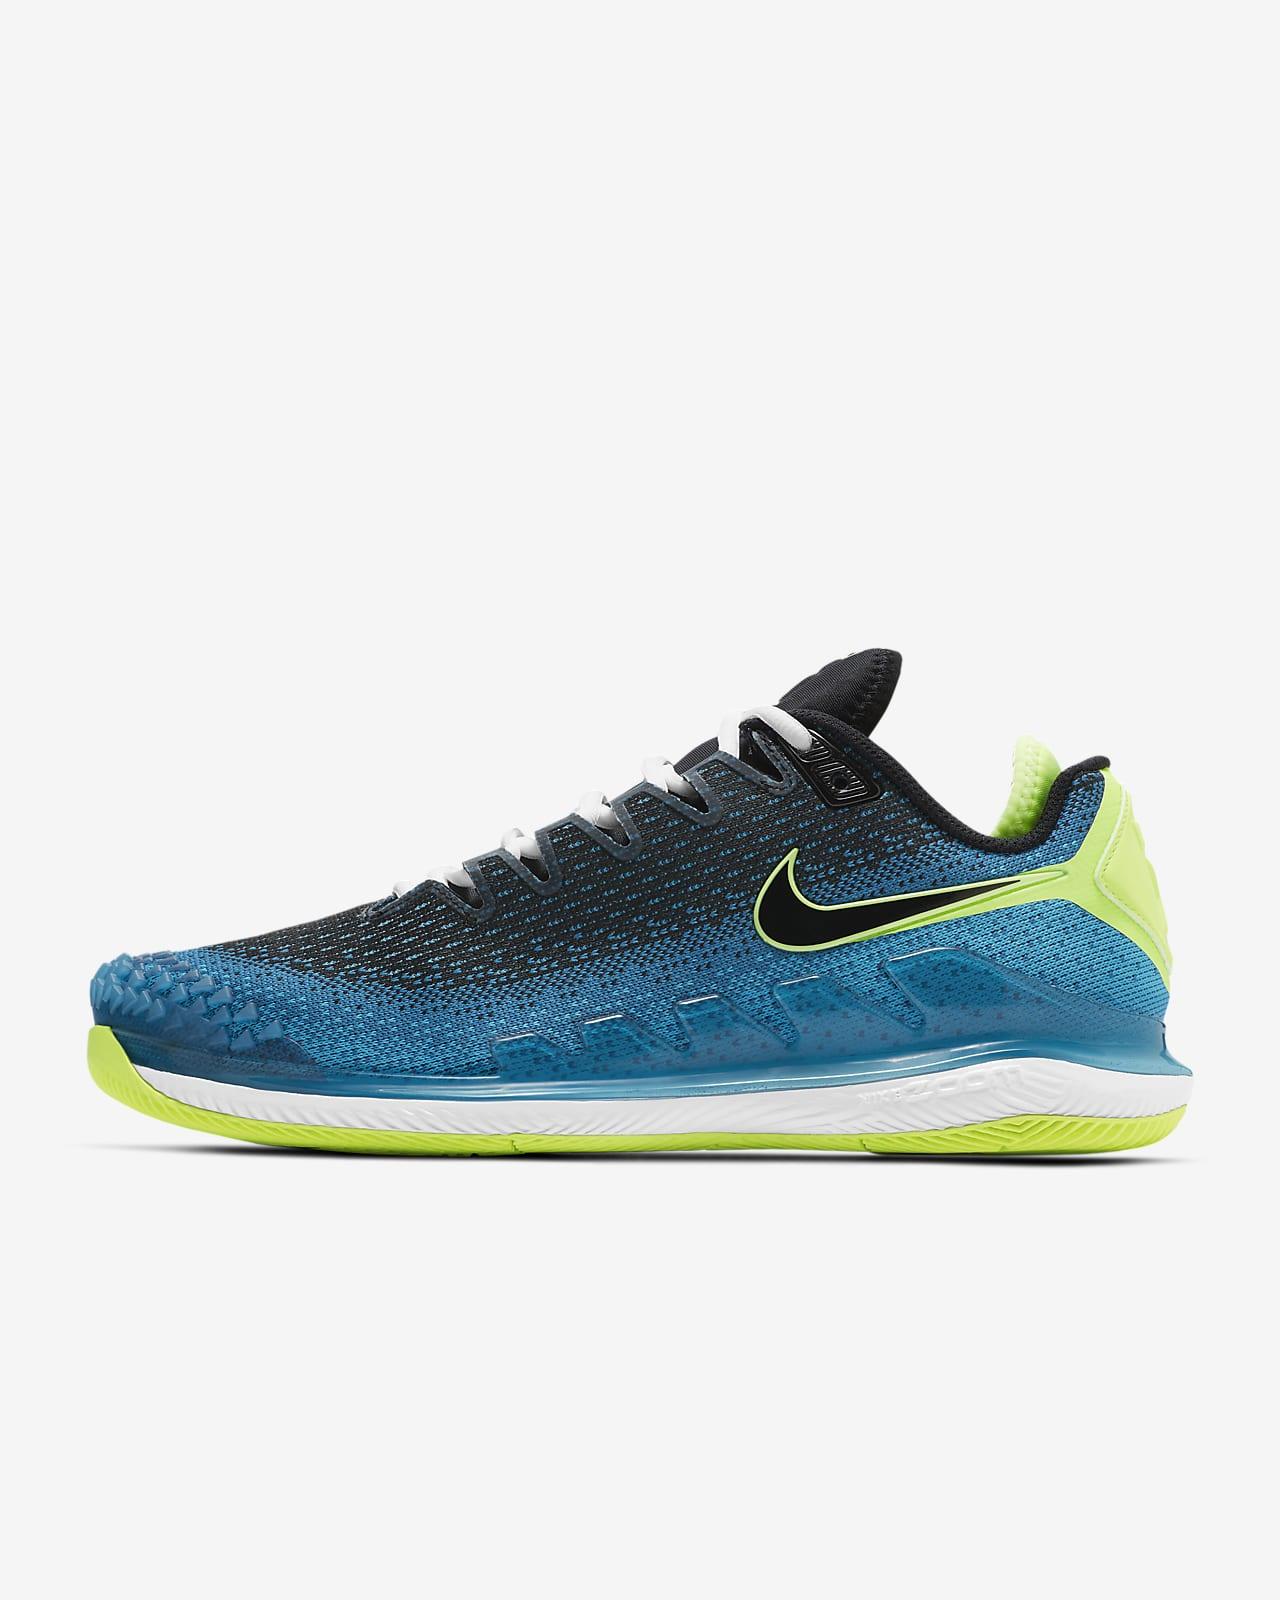 NikeCourt Air Zoom Vapor X Knit Sabatilles per a pista ràpida de tennis - Home